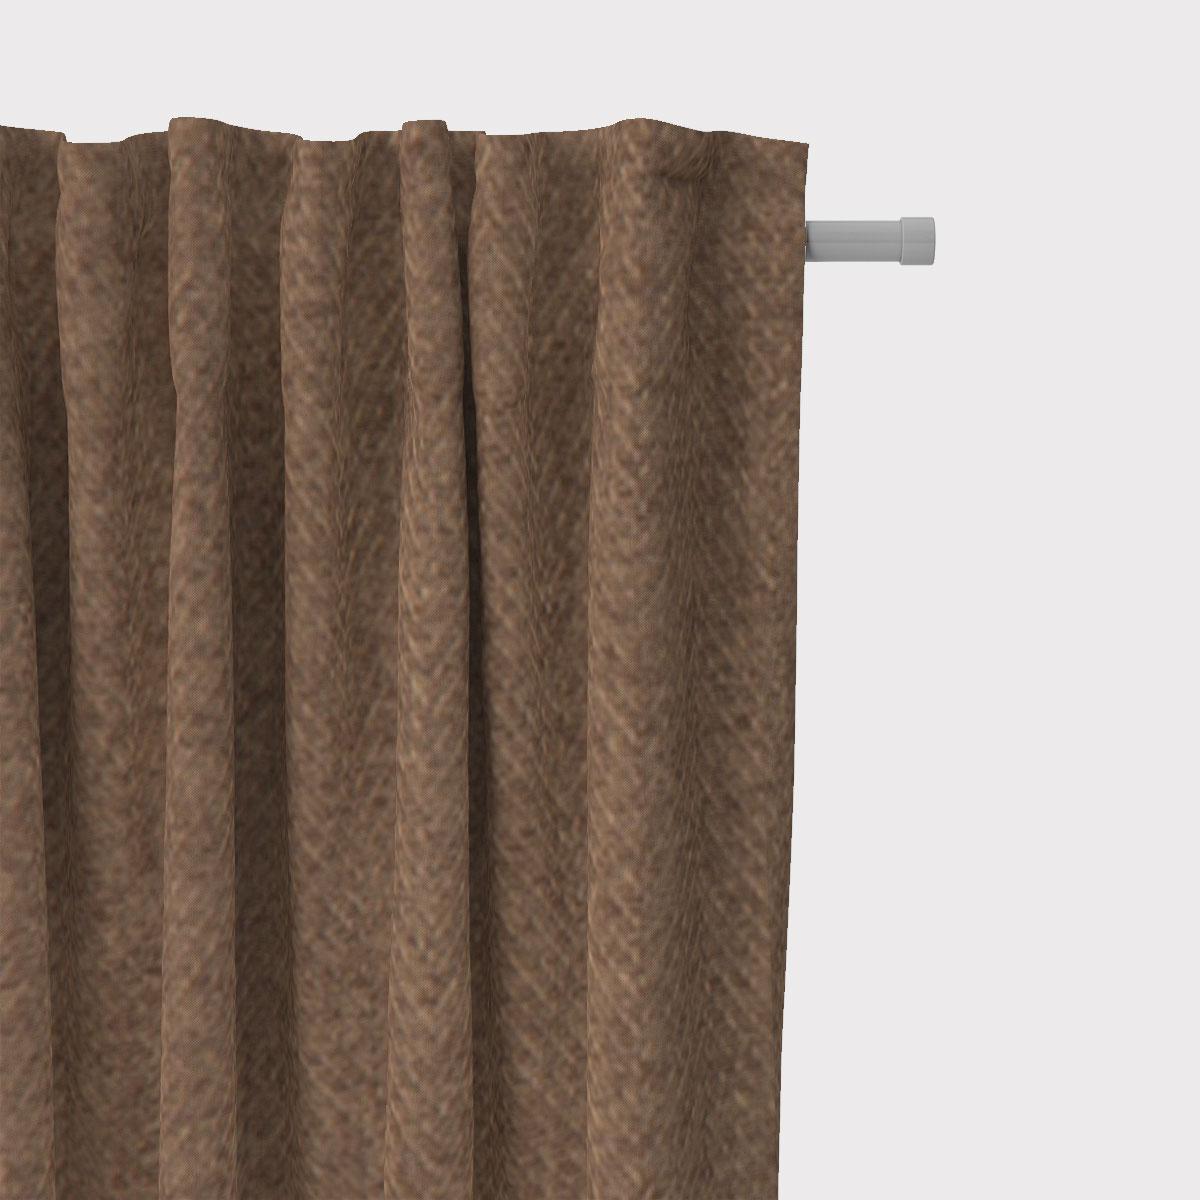 SCHÖNER LEBEN. Vorhang Herringbone Fischgrätmuster Streifen braun meliert 245cm oder Wunschlänge